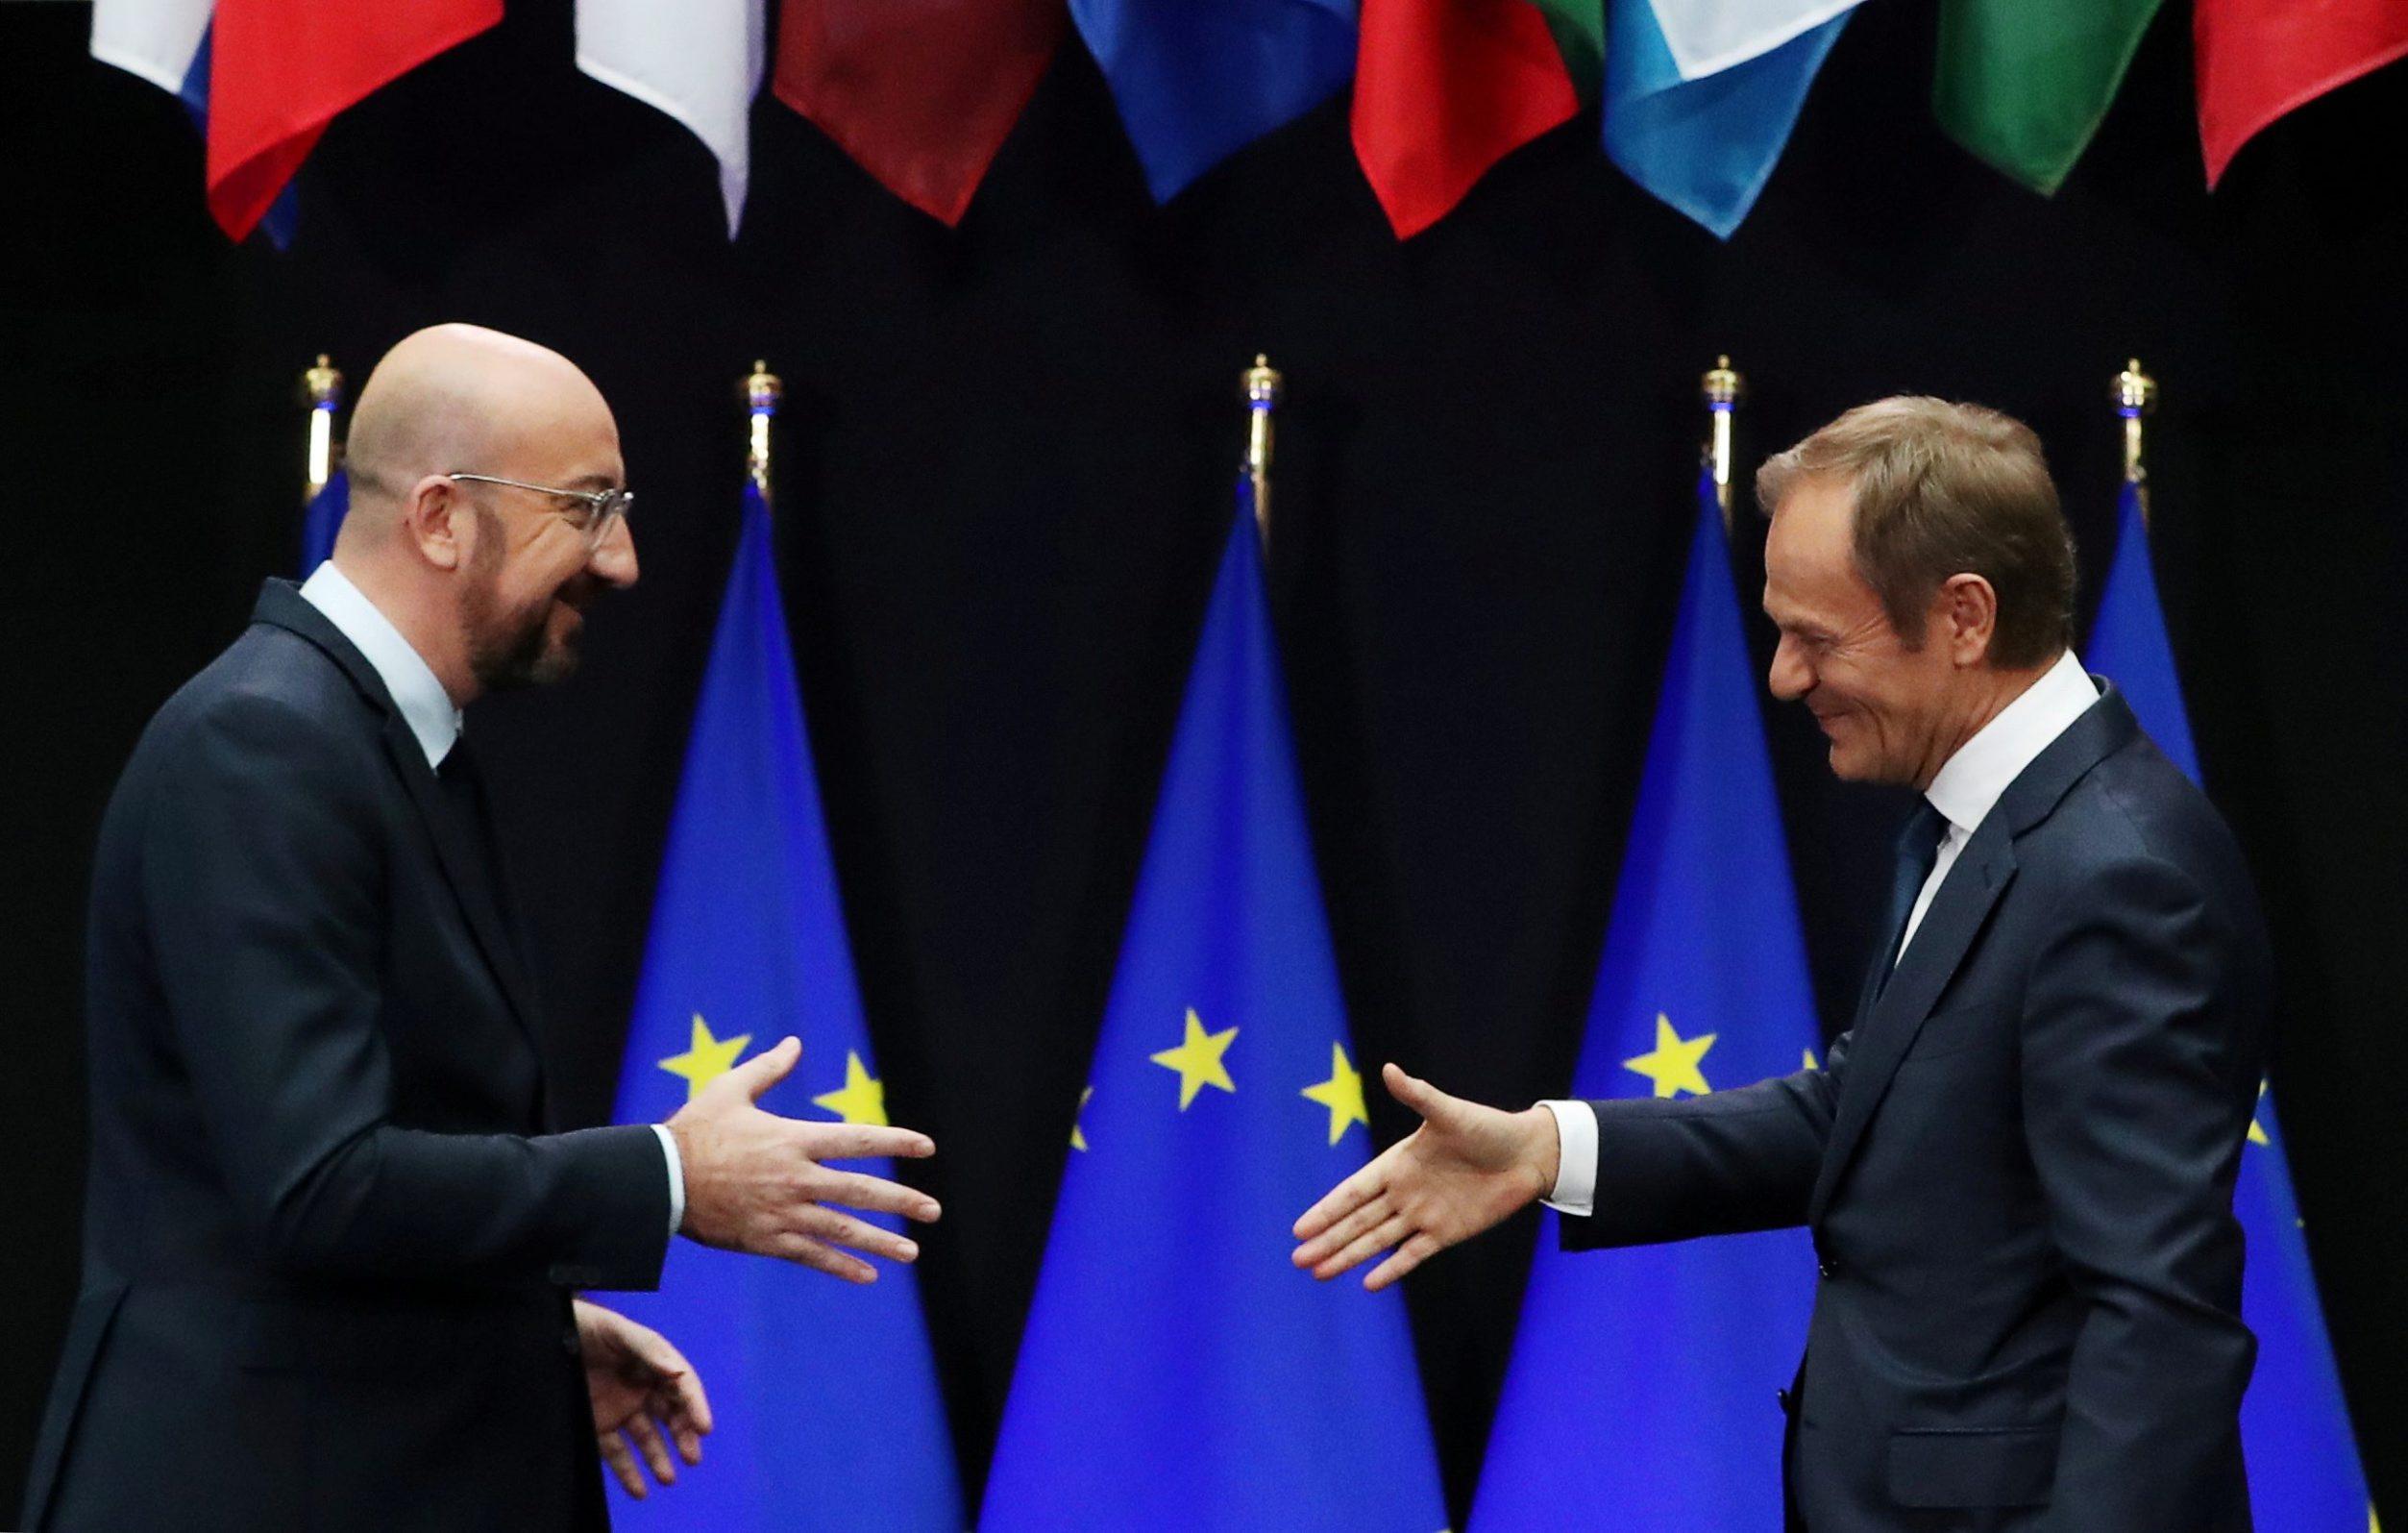 Novi predsjednik Charles Michel (lijevo) ušao je u belgijsku povijest kao najmlađi premijer; dosadašnji čelnik Europskoga vijeća Donald Tusk karijeru će nastaviti kao lider najveće grupacije u EU